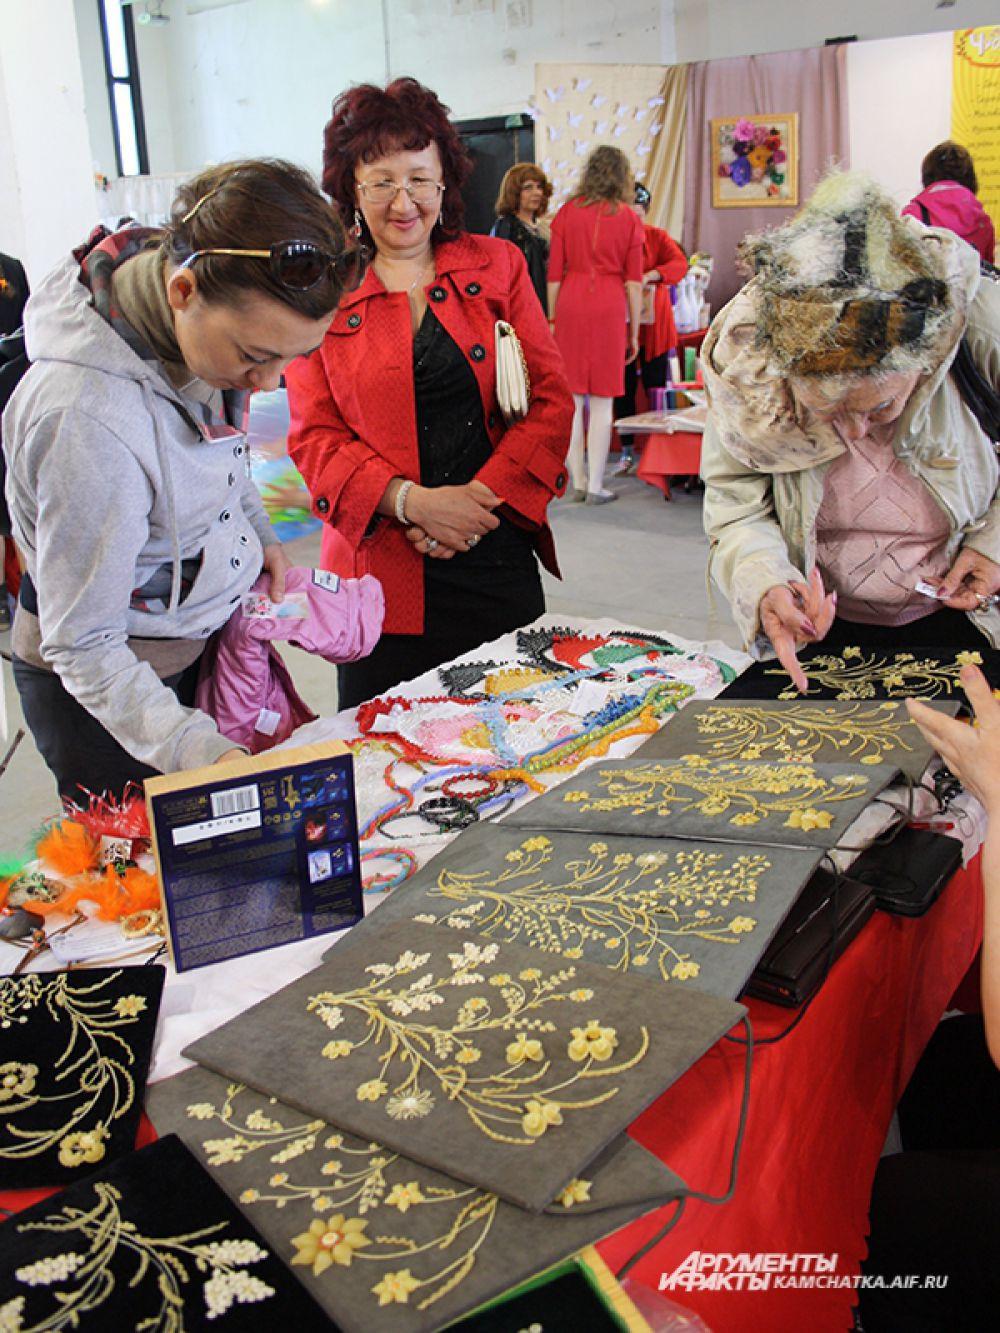 Картины из макаронных изделий удивили гостей фестиваля.